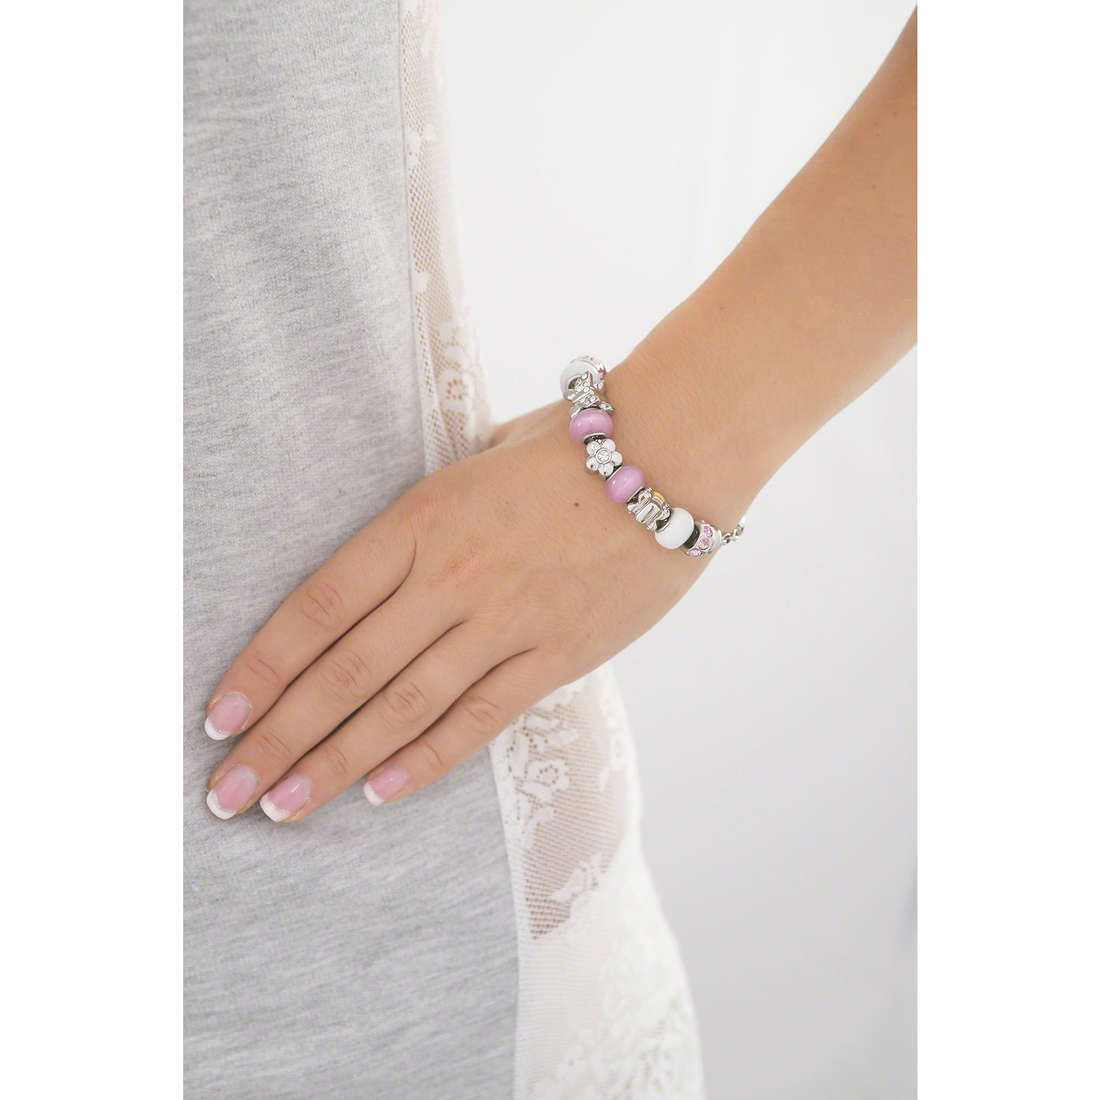 Morellato bracciali Drops donna SCZ362 indosso